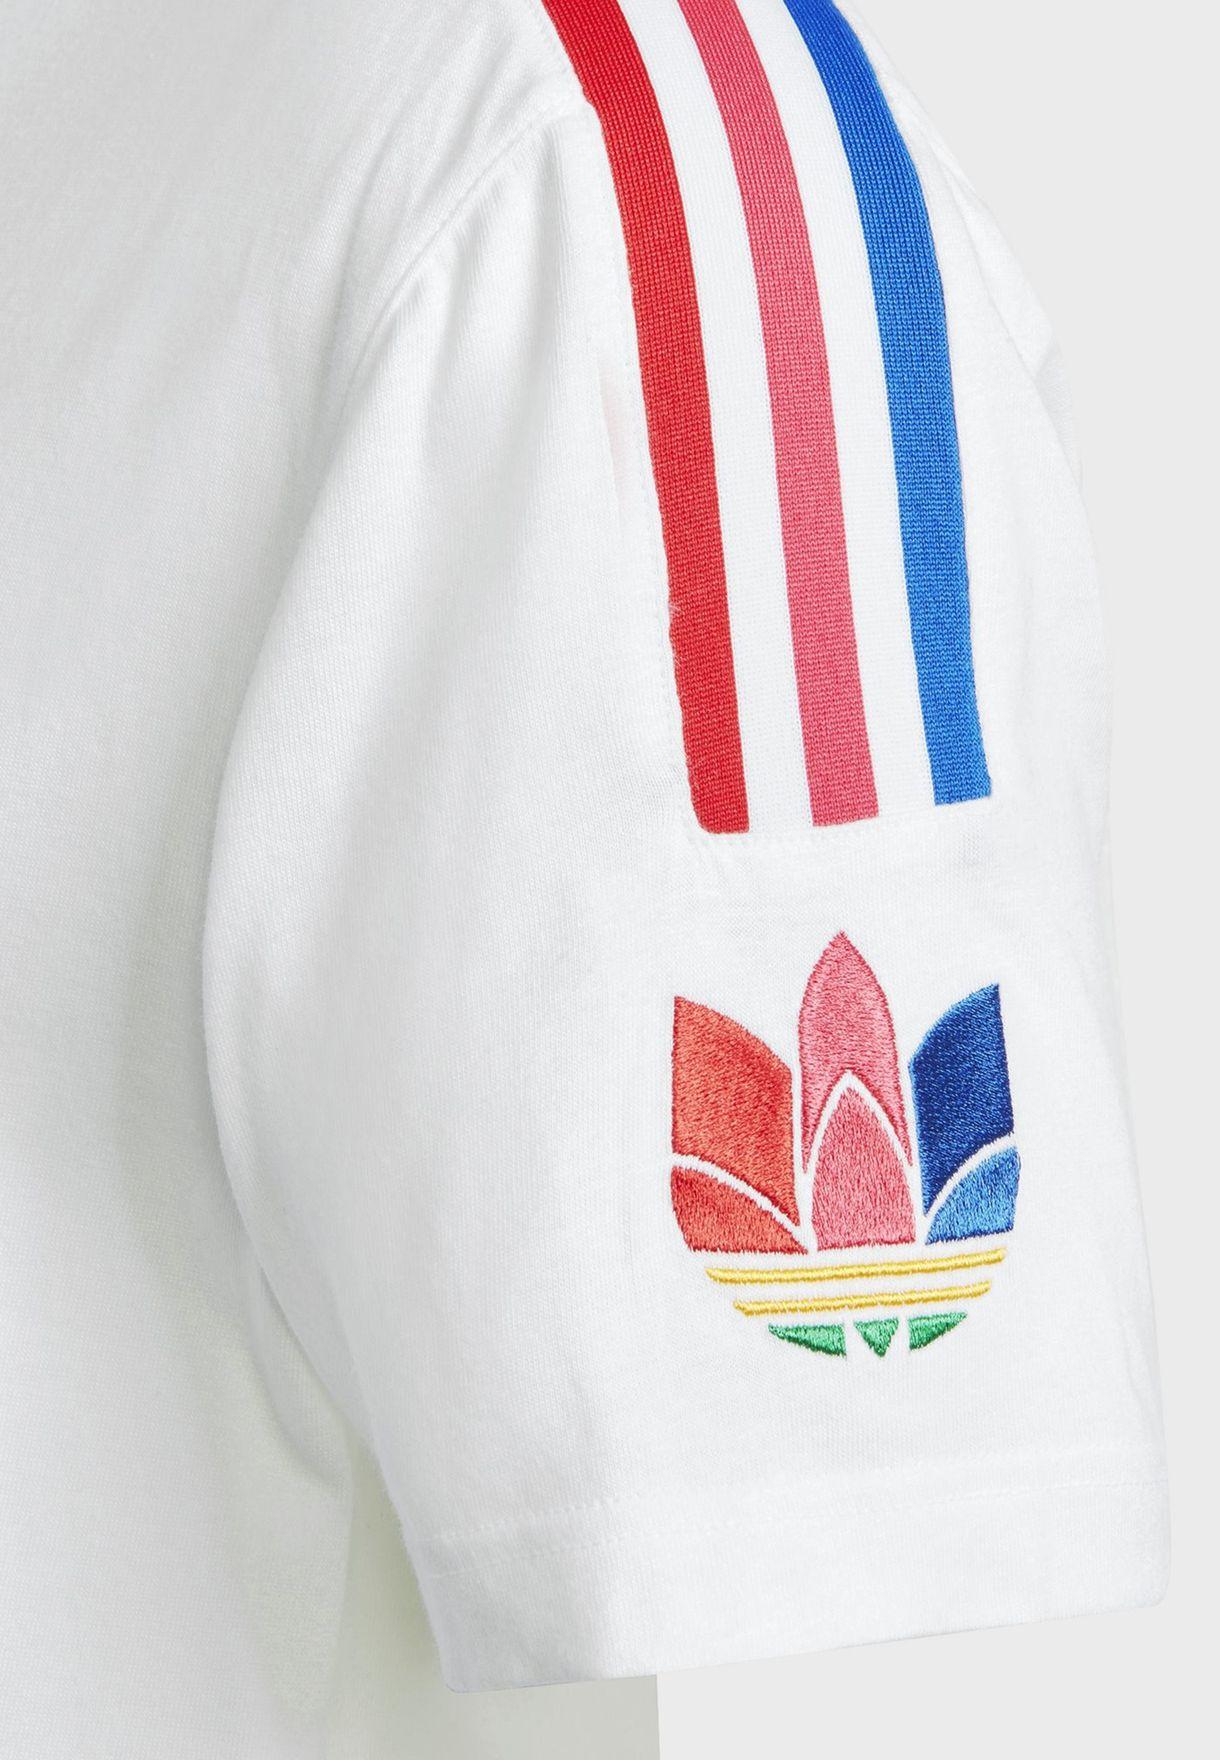 adicolor 3 Stripe Trefoil T-Shirt